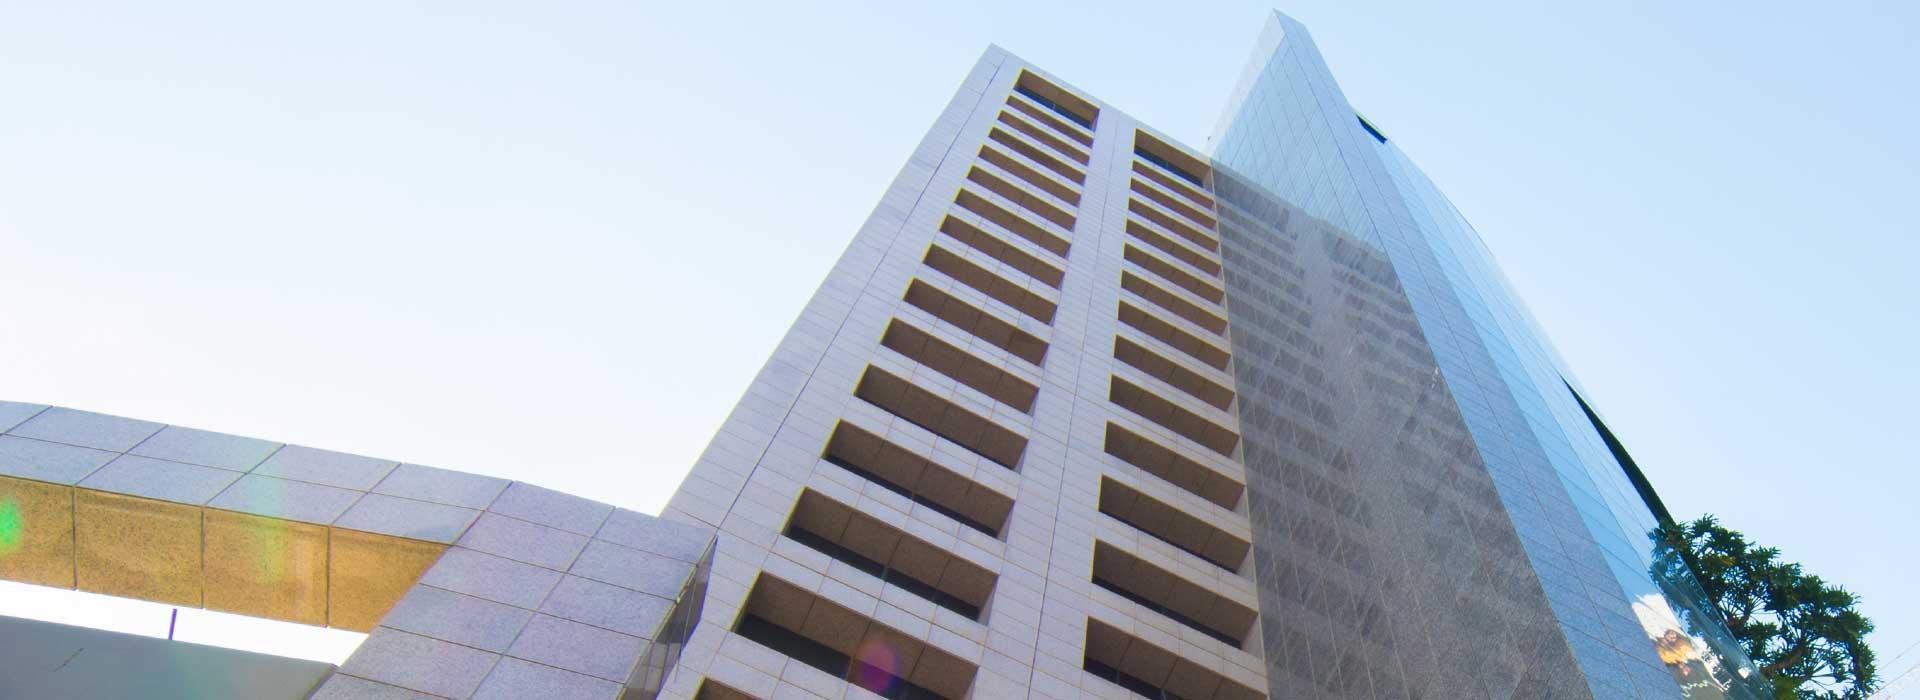 sliders-buildings-sap